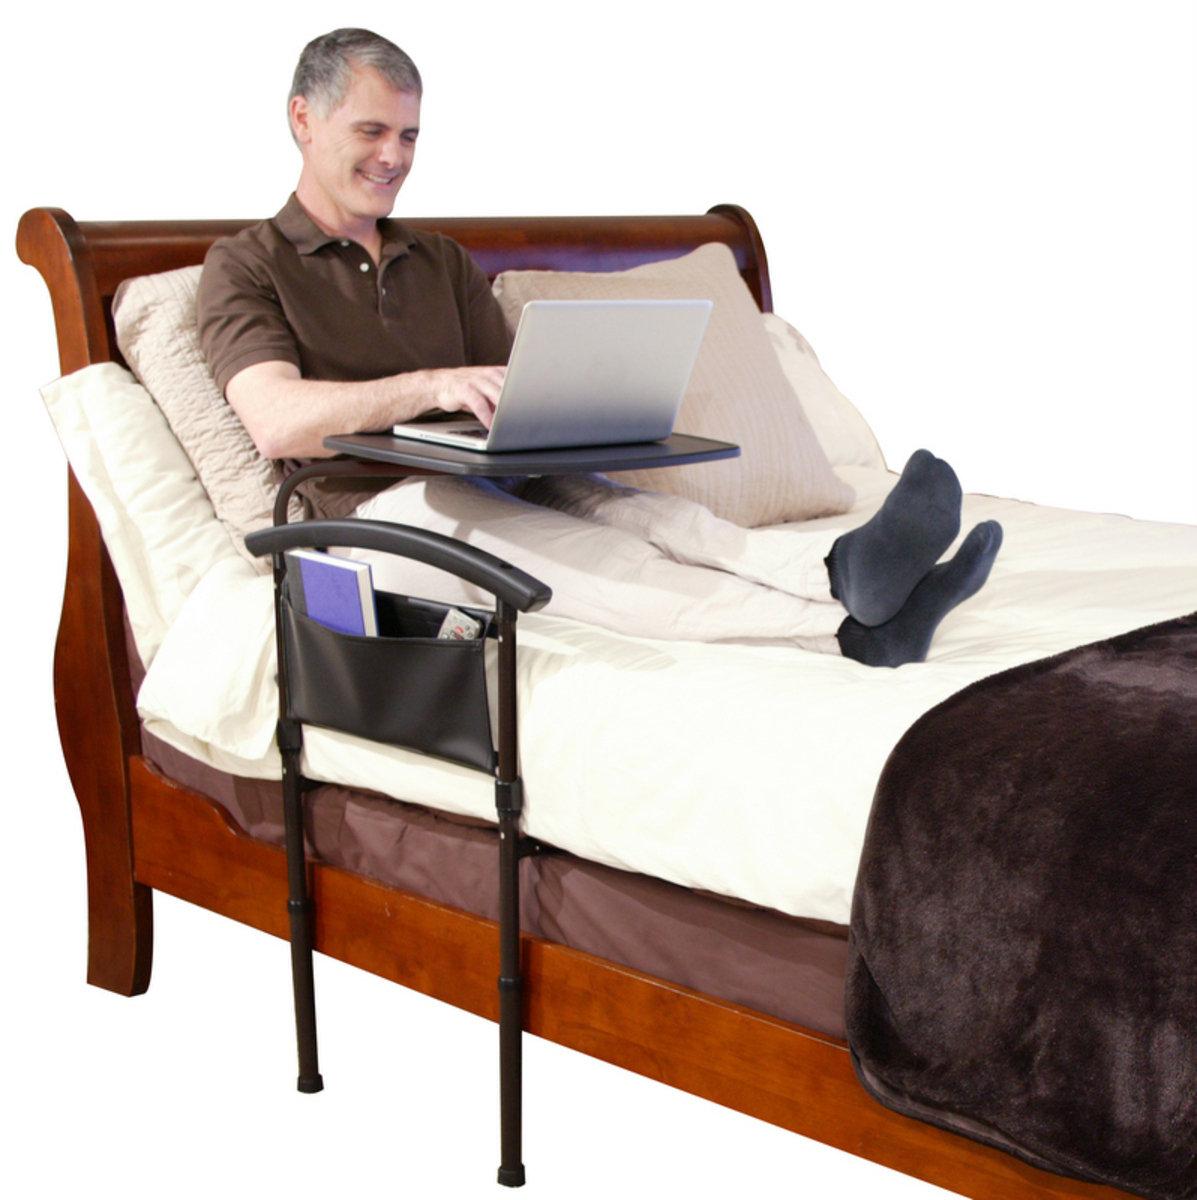 Independence Bed Table - 活動枱面床欄